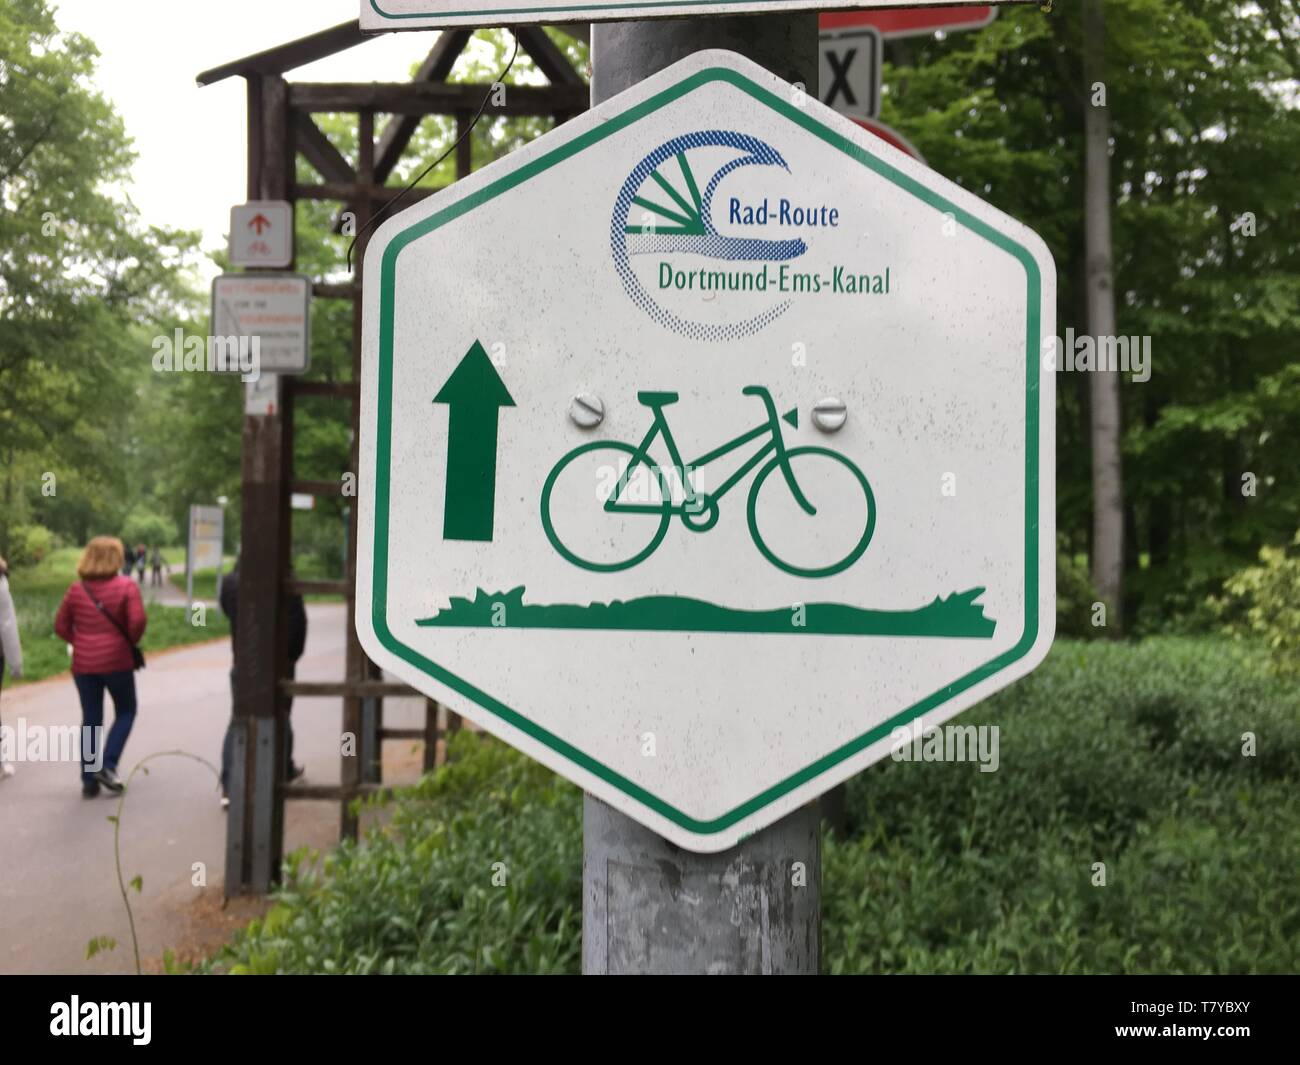 Richtungsanzeige am Dortmund-Ems-Kanal - Stock Image